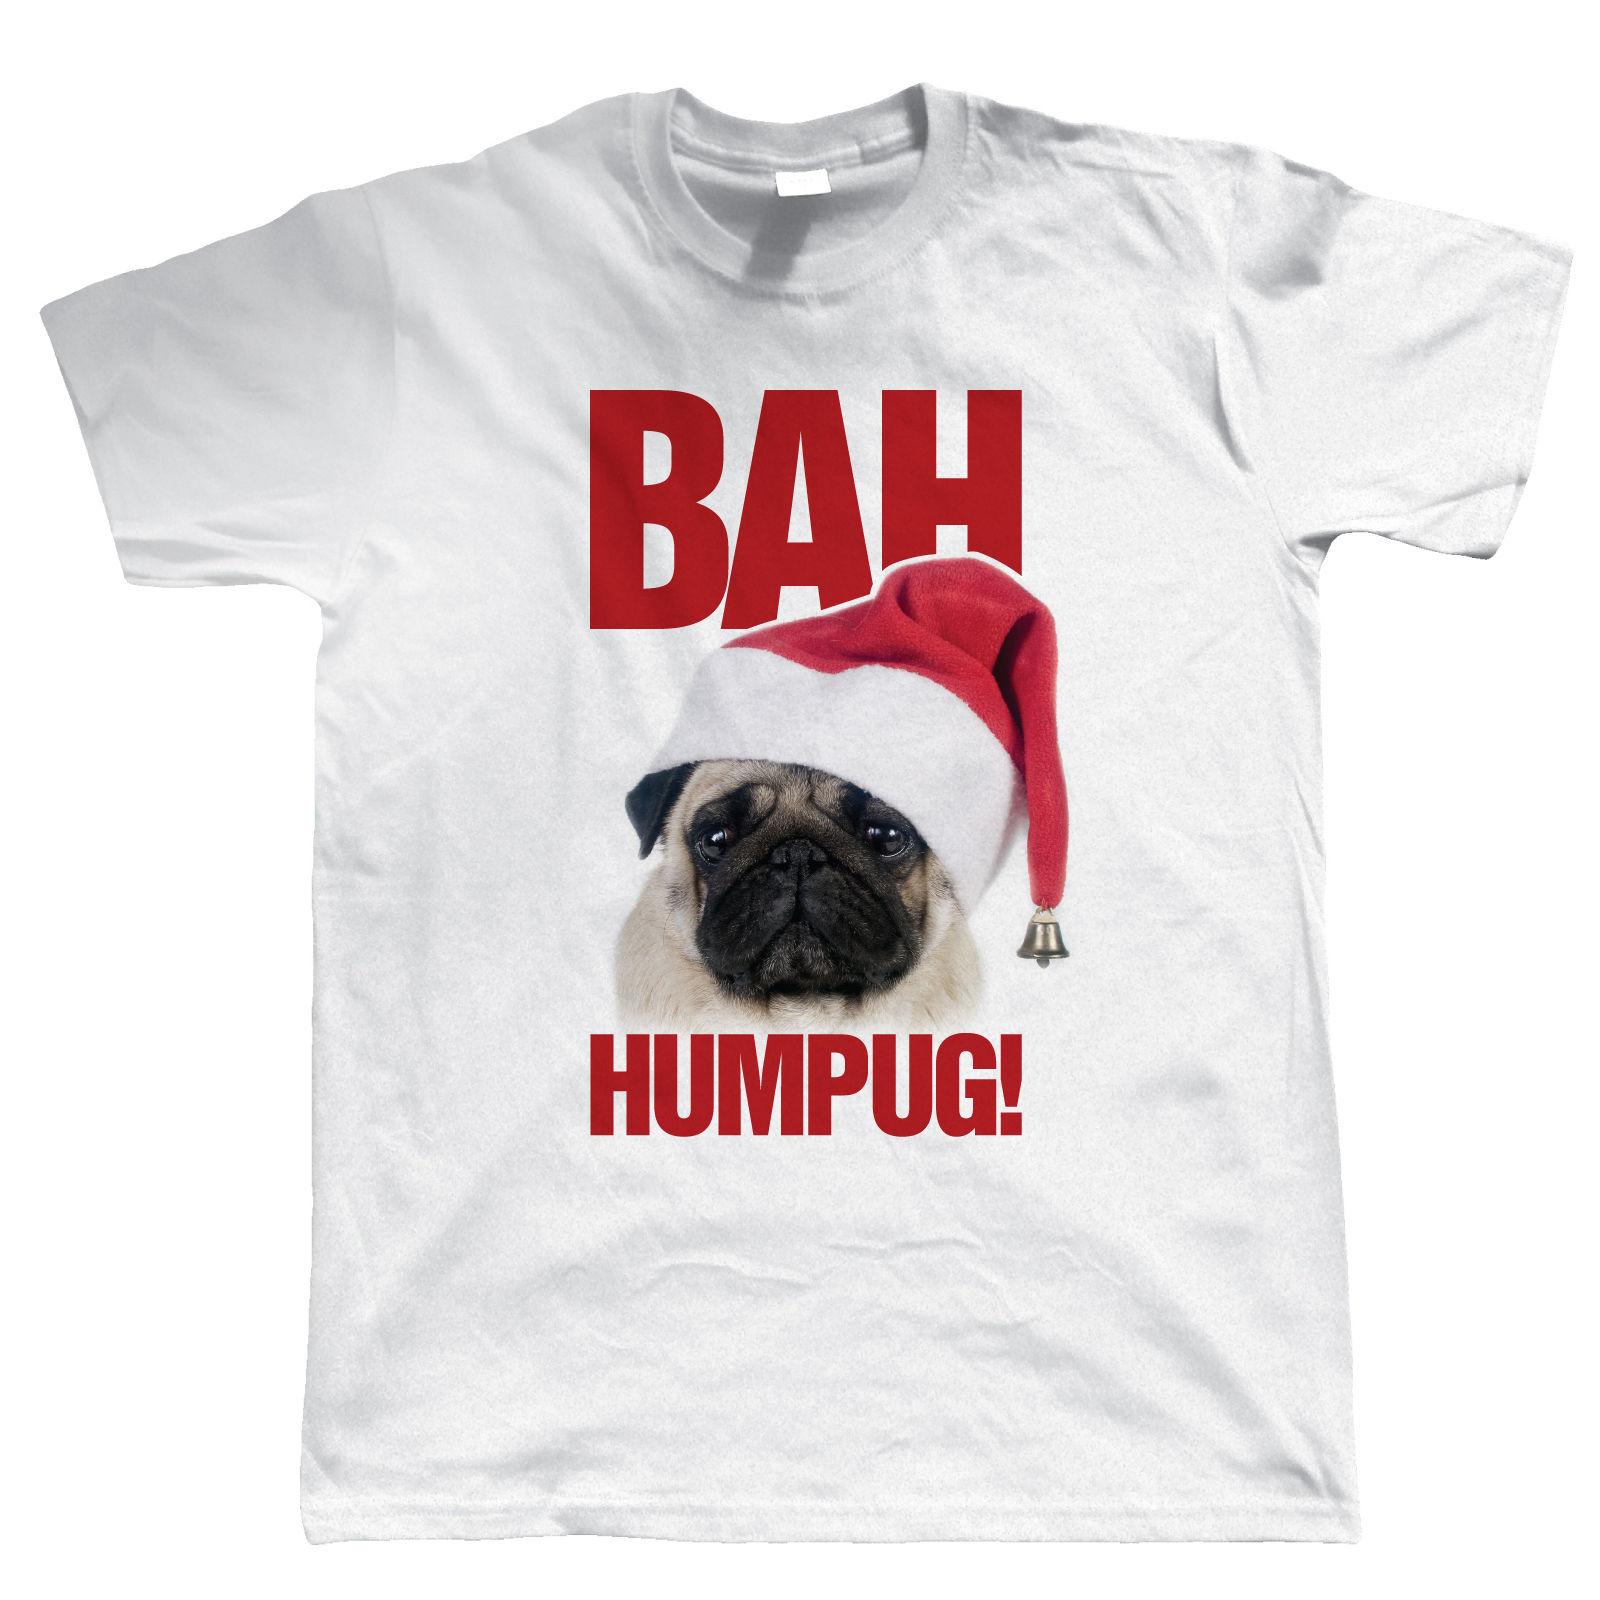 Бах humpug Веселые Мужская футболка-подарок секрет Санта Чулок наполнитель